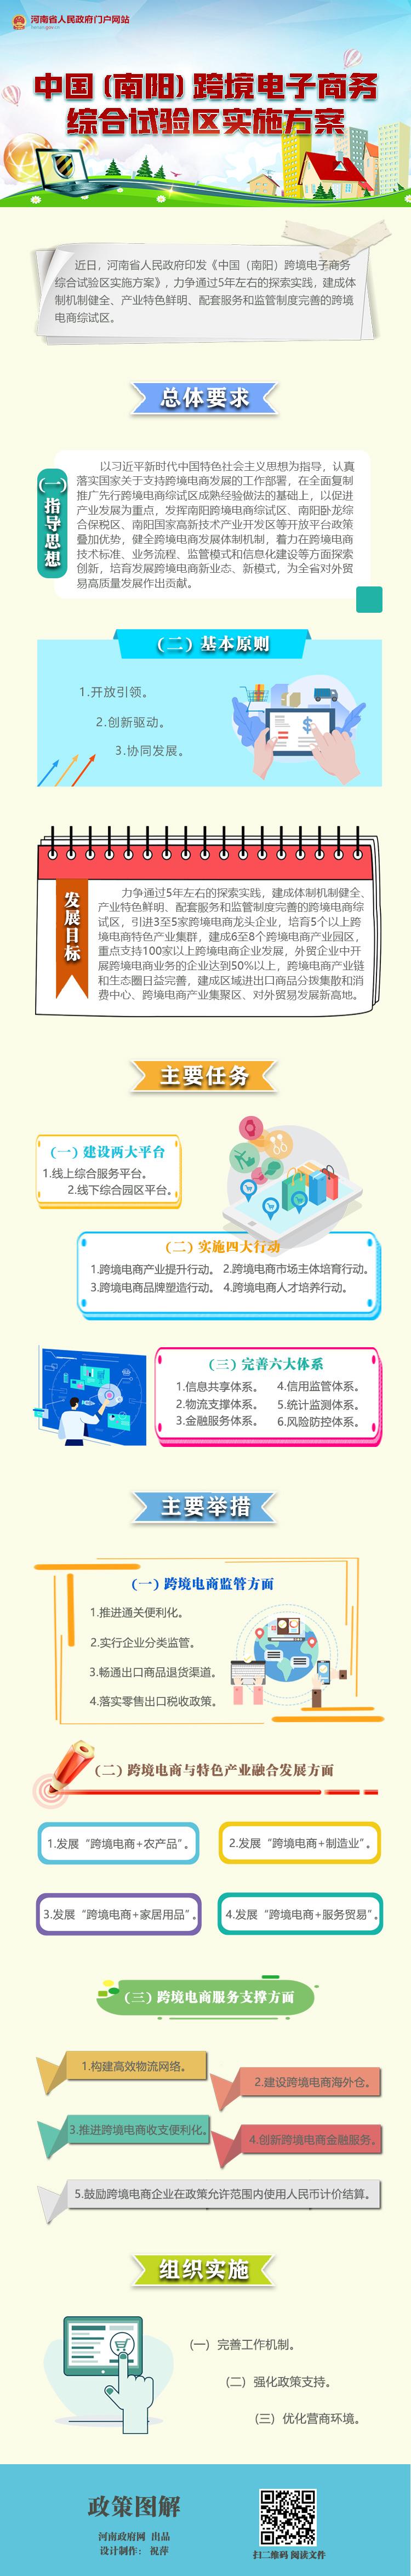 图解:中国(南阳)跨境电子商务 综合试验区实施方案